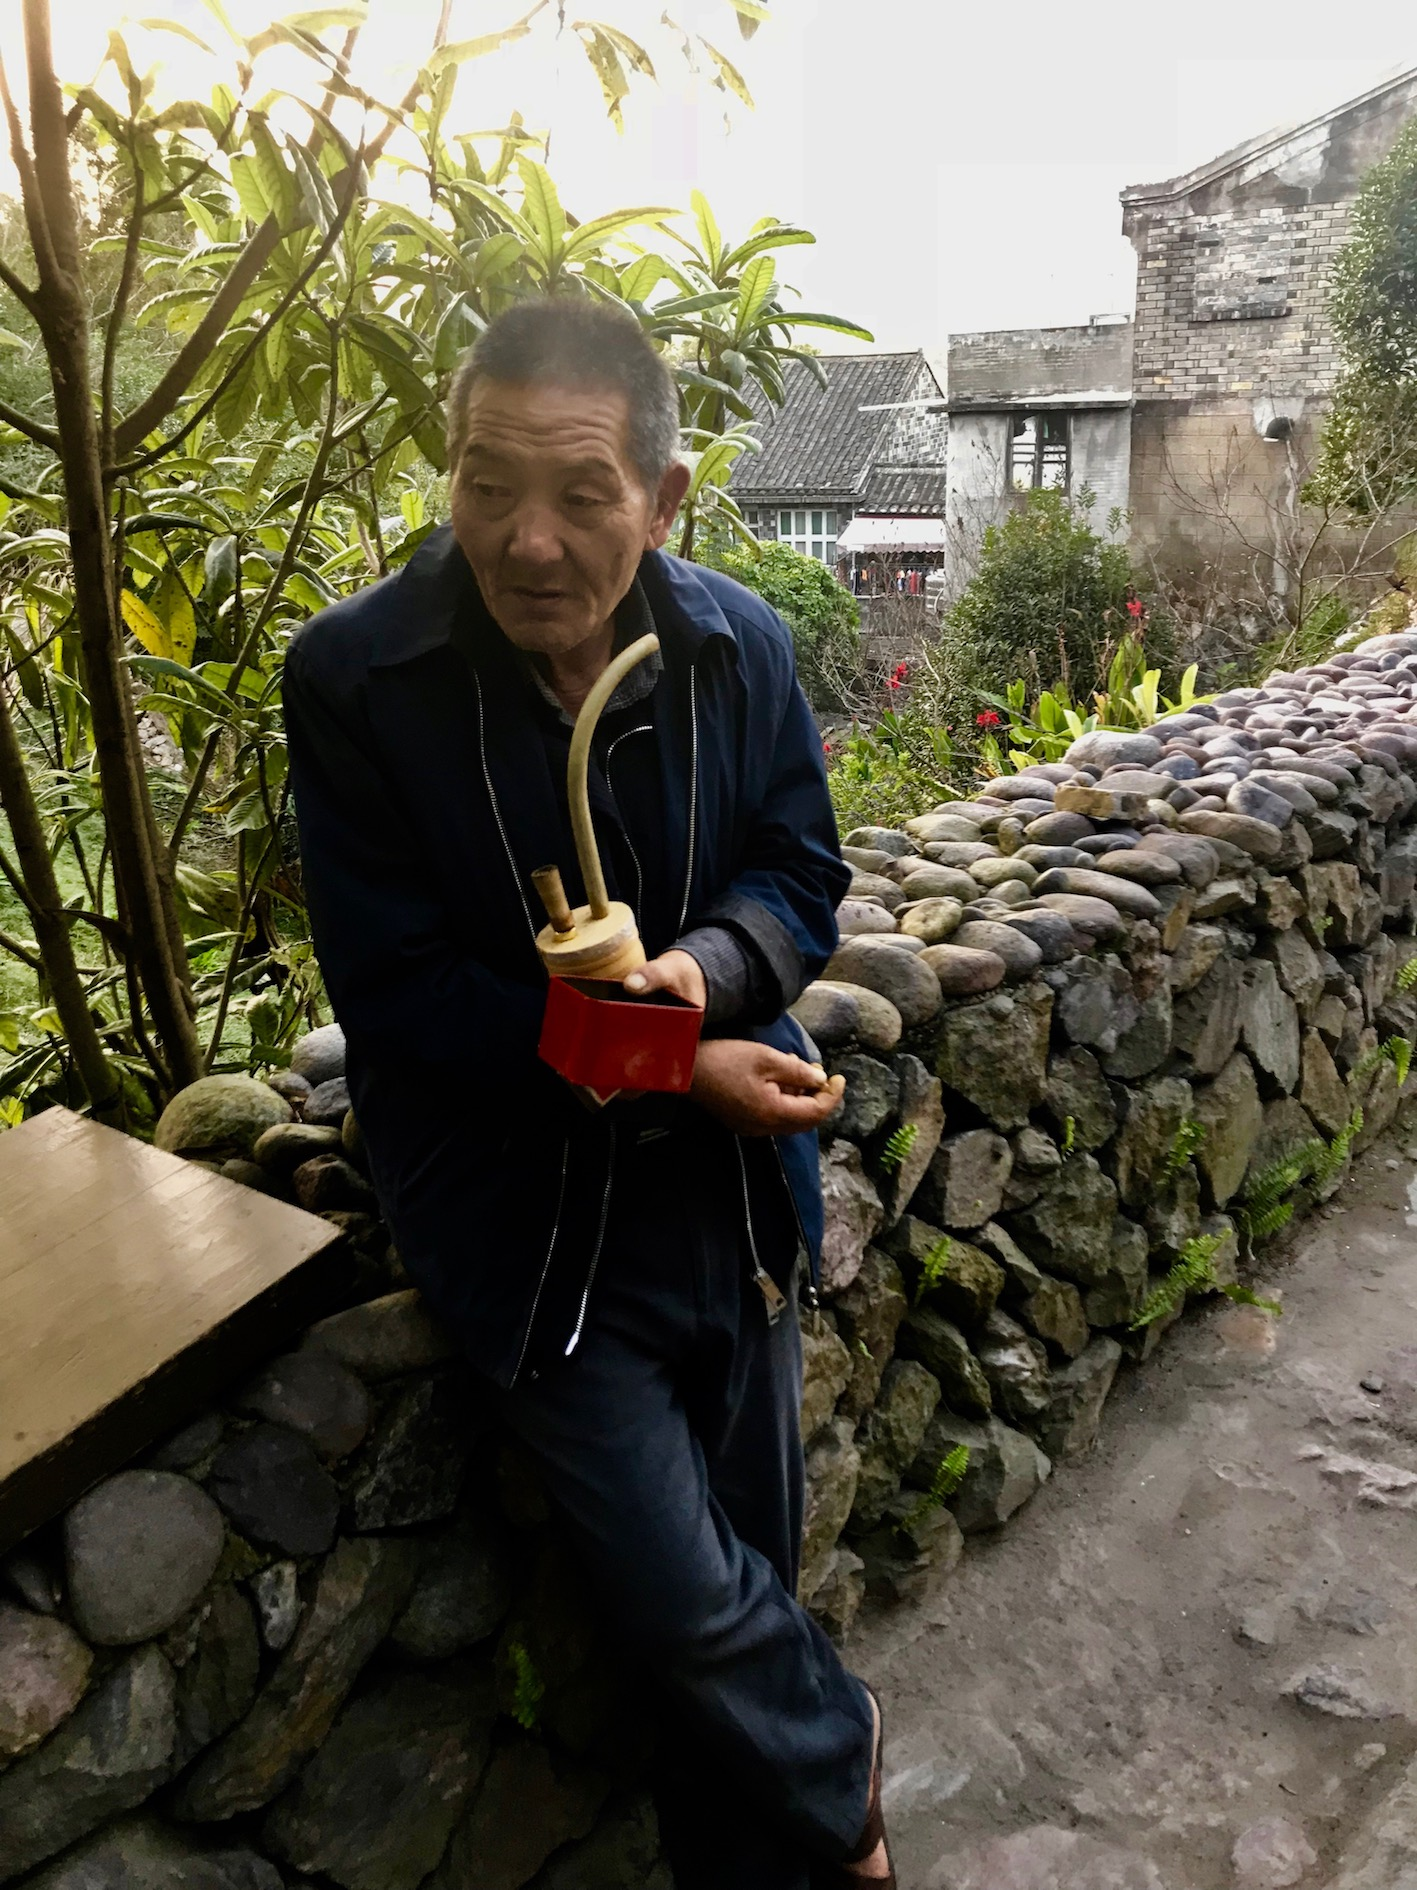 Old man Fudewan Ancient Village Cangnan County Zhejiang Province China